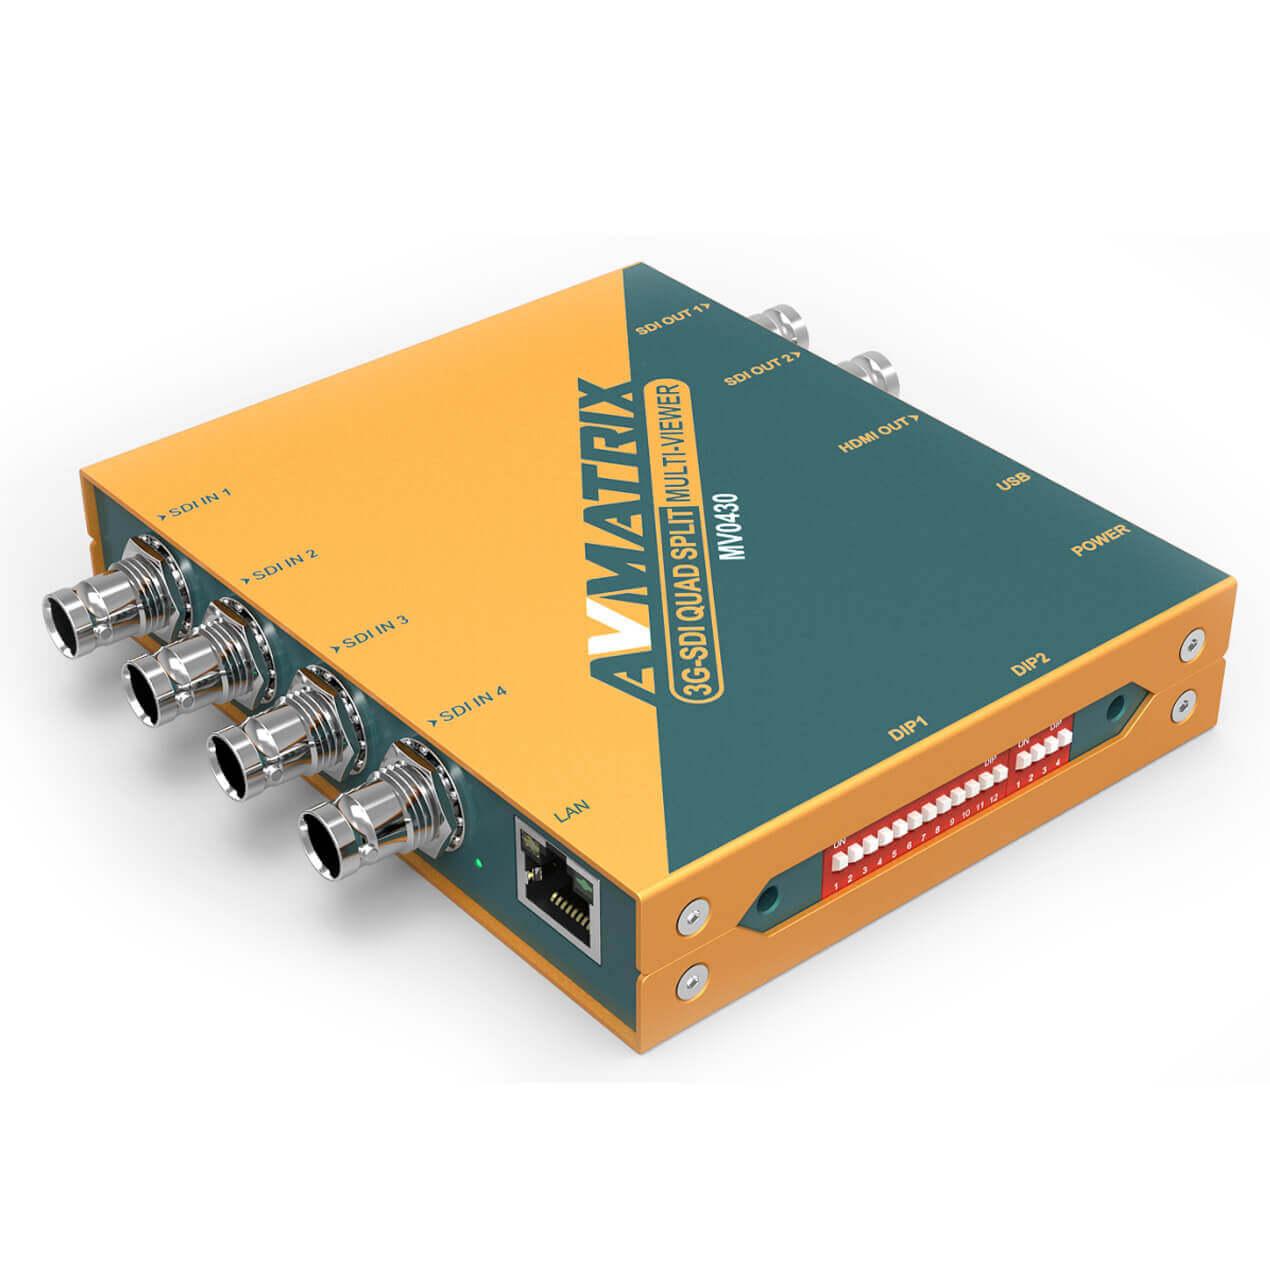 【2020.8月19日新発売】東通販取扱製品紹介 AVMATRIX社製 MV0430 4系統SDI入力マルチビューワー 【AM-8】